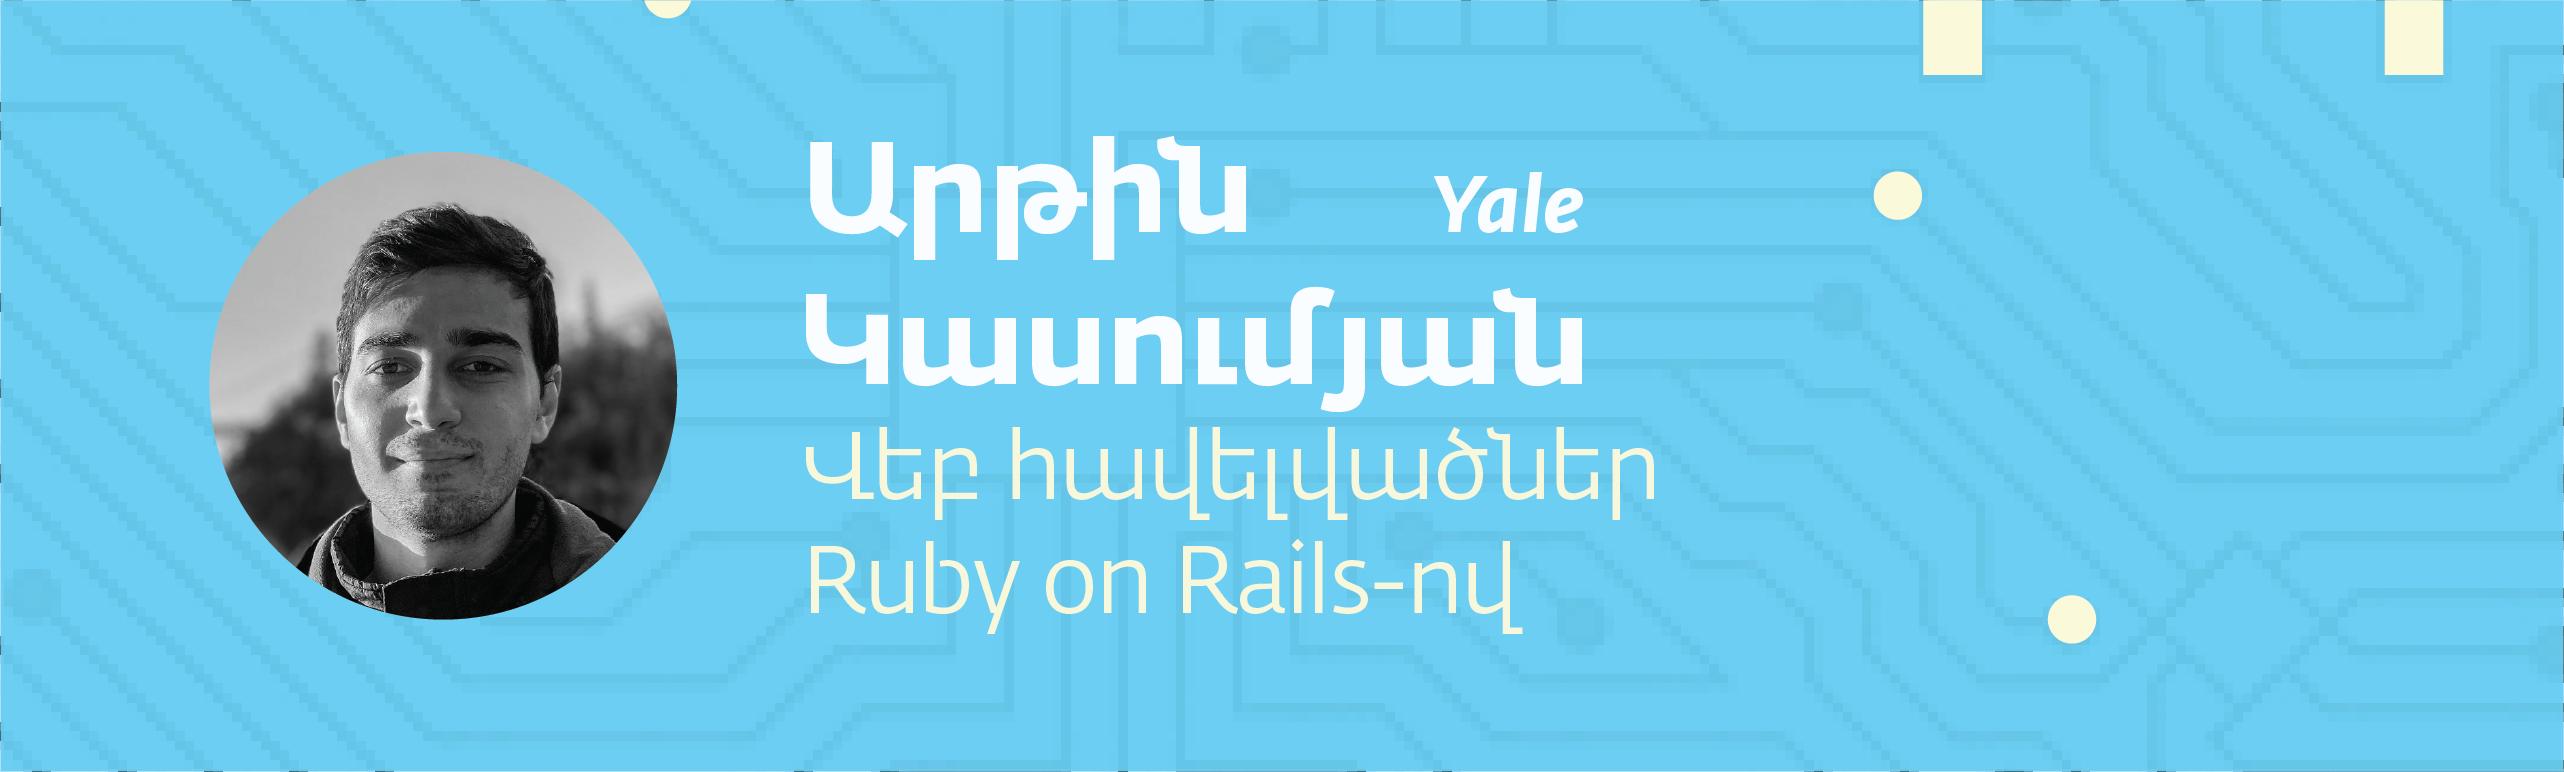 Full 11 - Վեբ հավելվածներ Ruby on Rails-ով